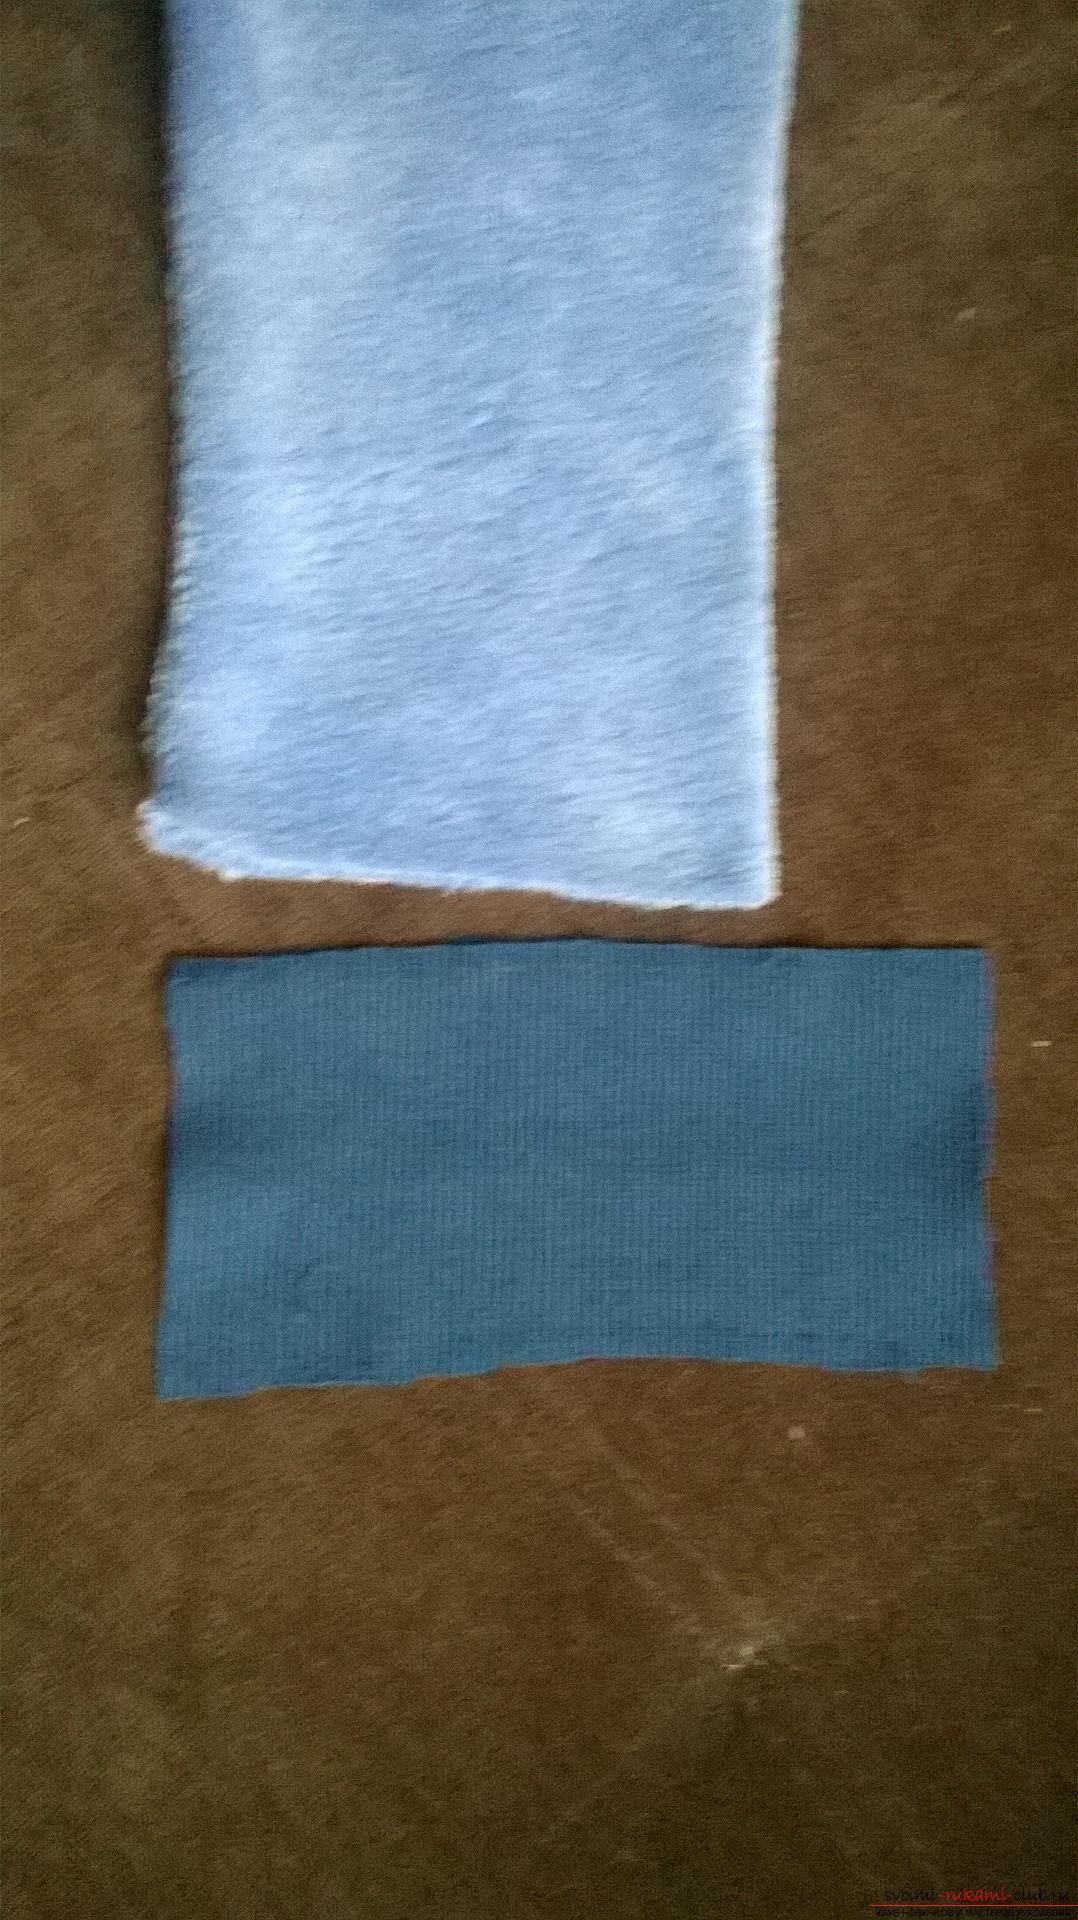 Эта статья рассказывает как сшить теплые и удобные штаны для мальчика на резинке. Фото №3